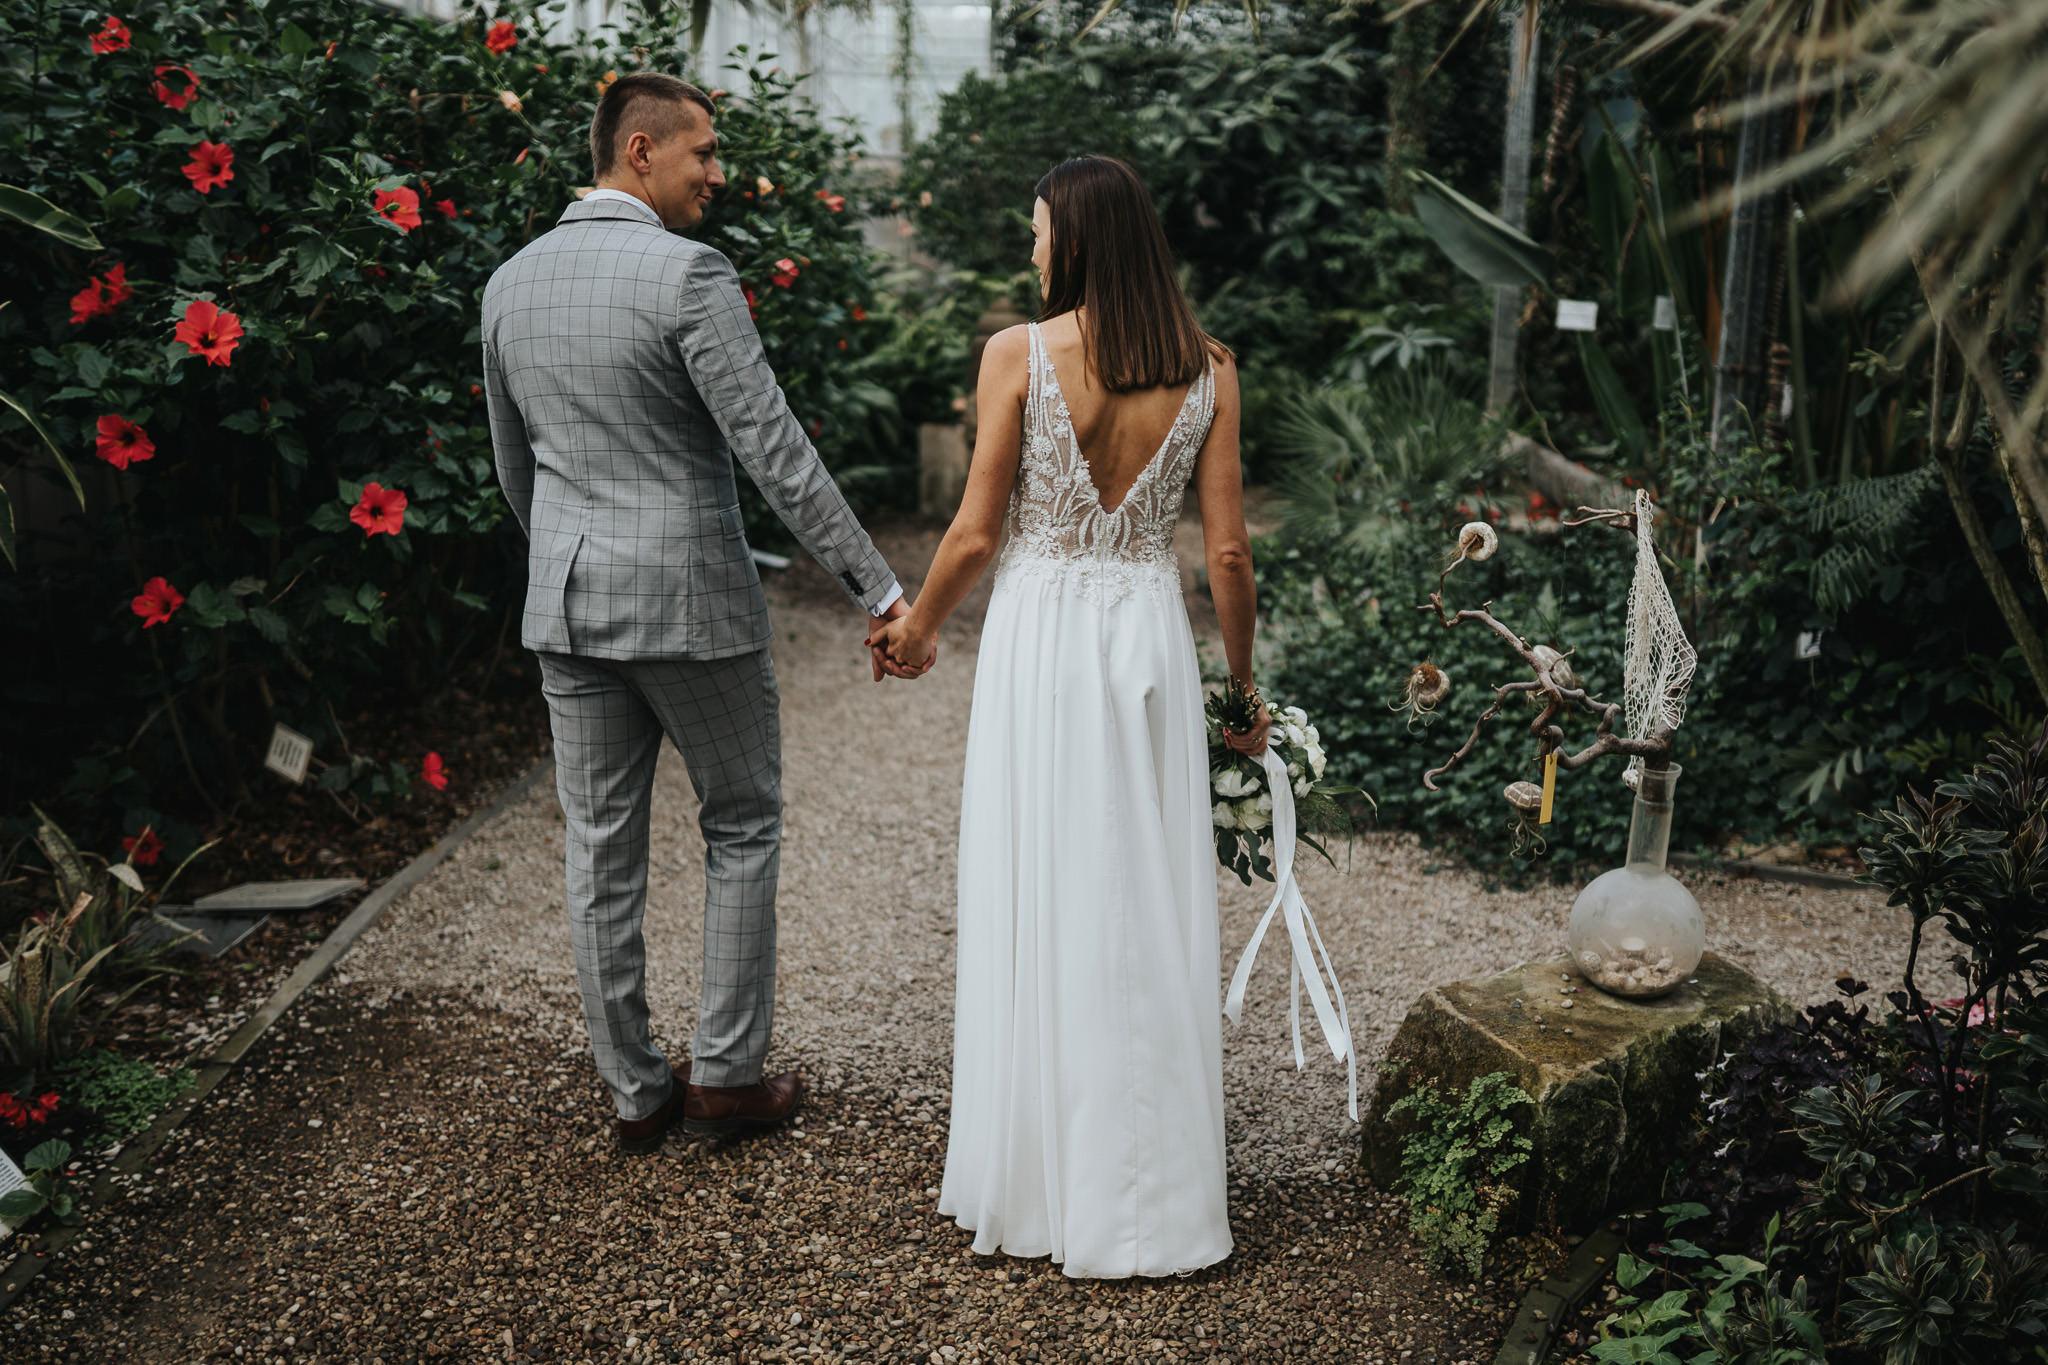 Sesja poślubna w oranżerii 23